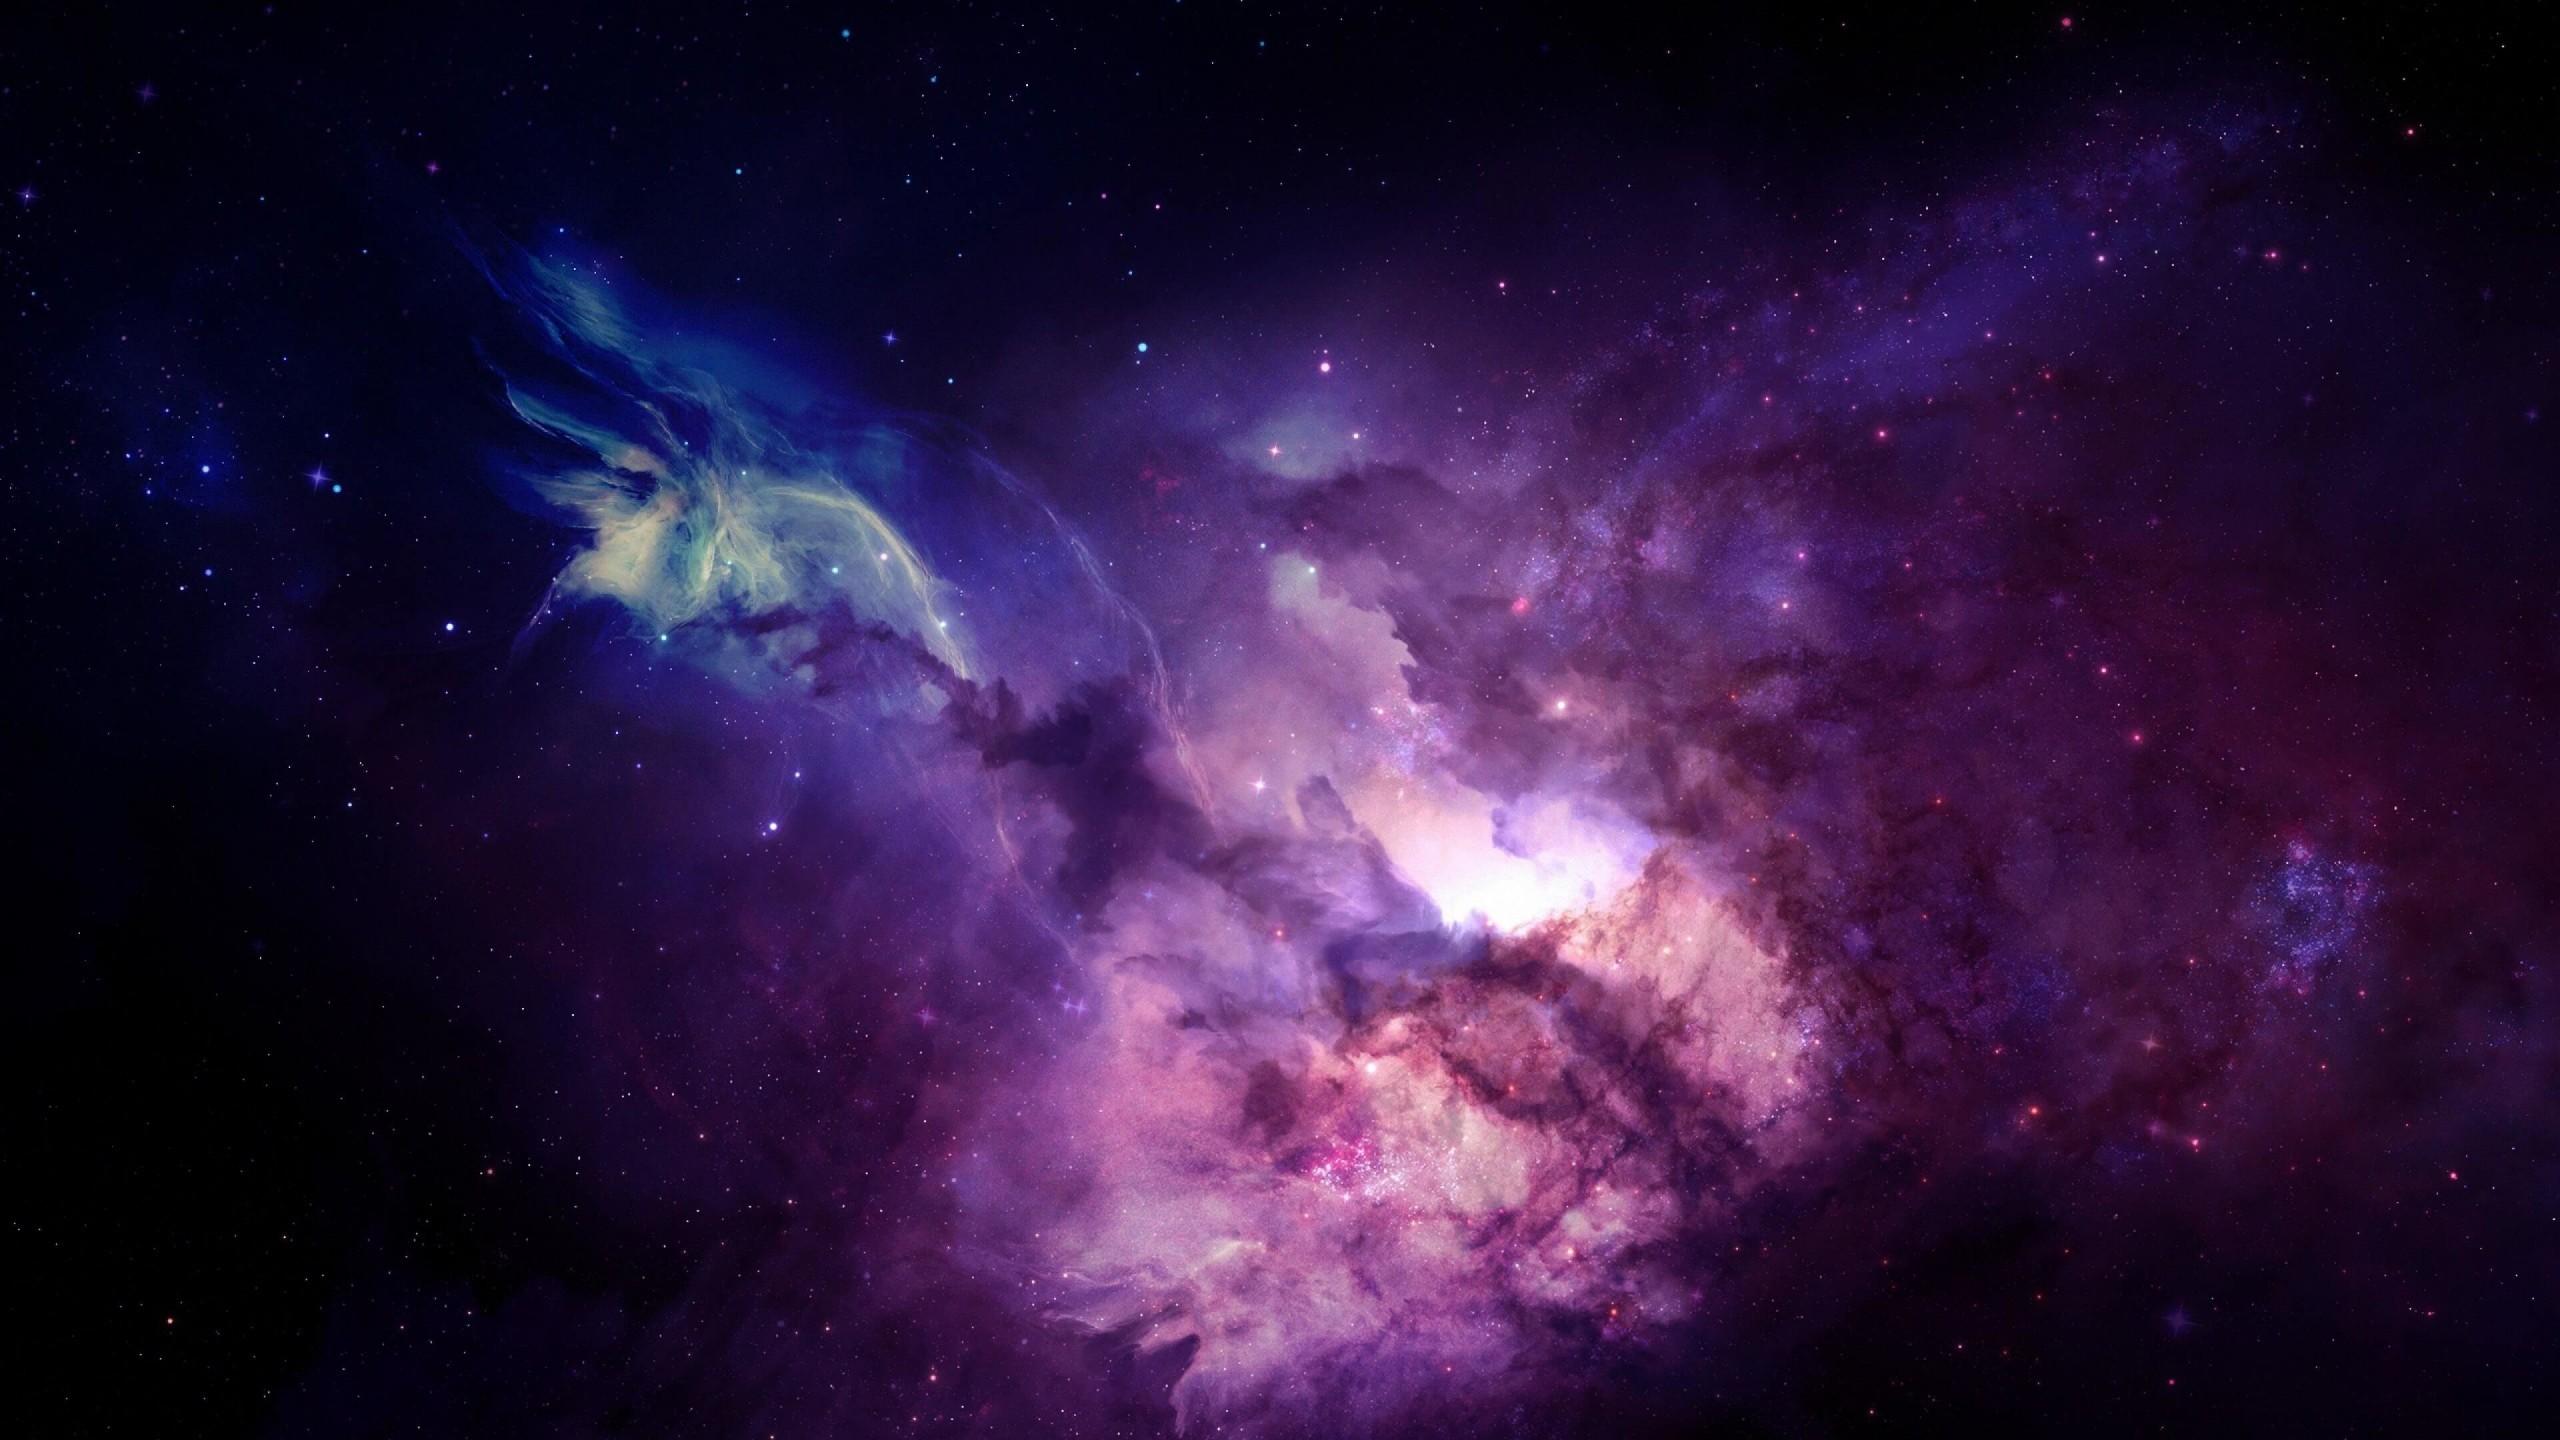 nebula 2560x1440 - photo #2